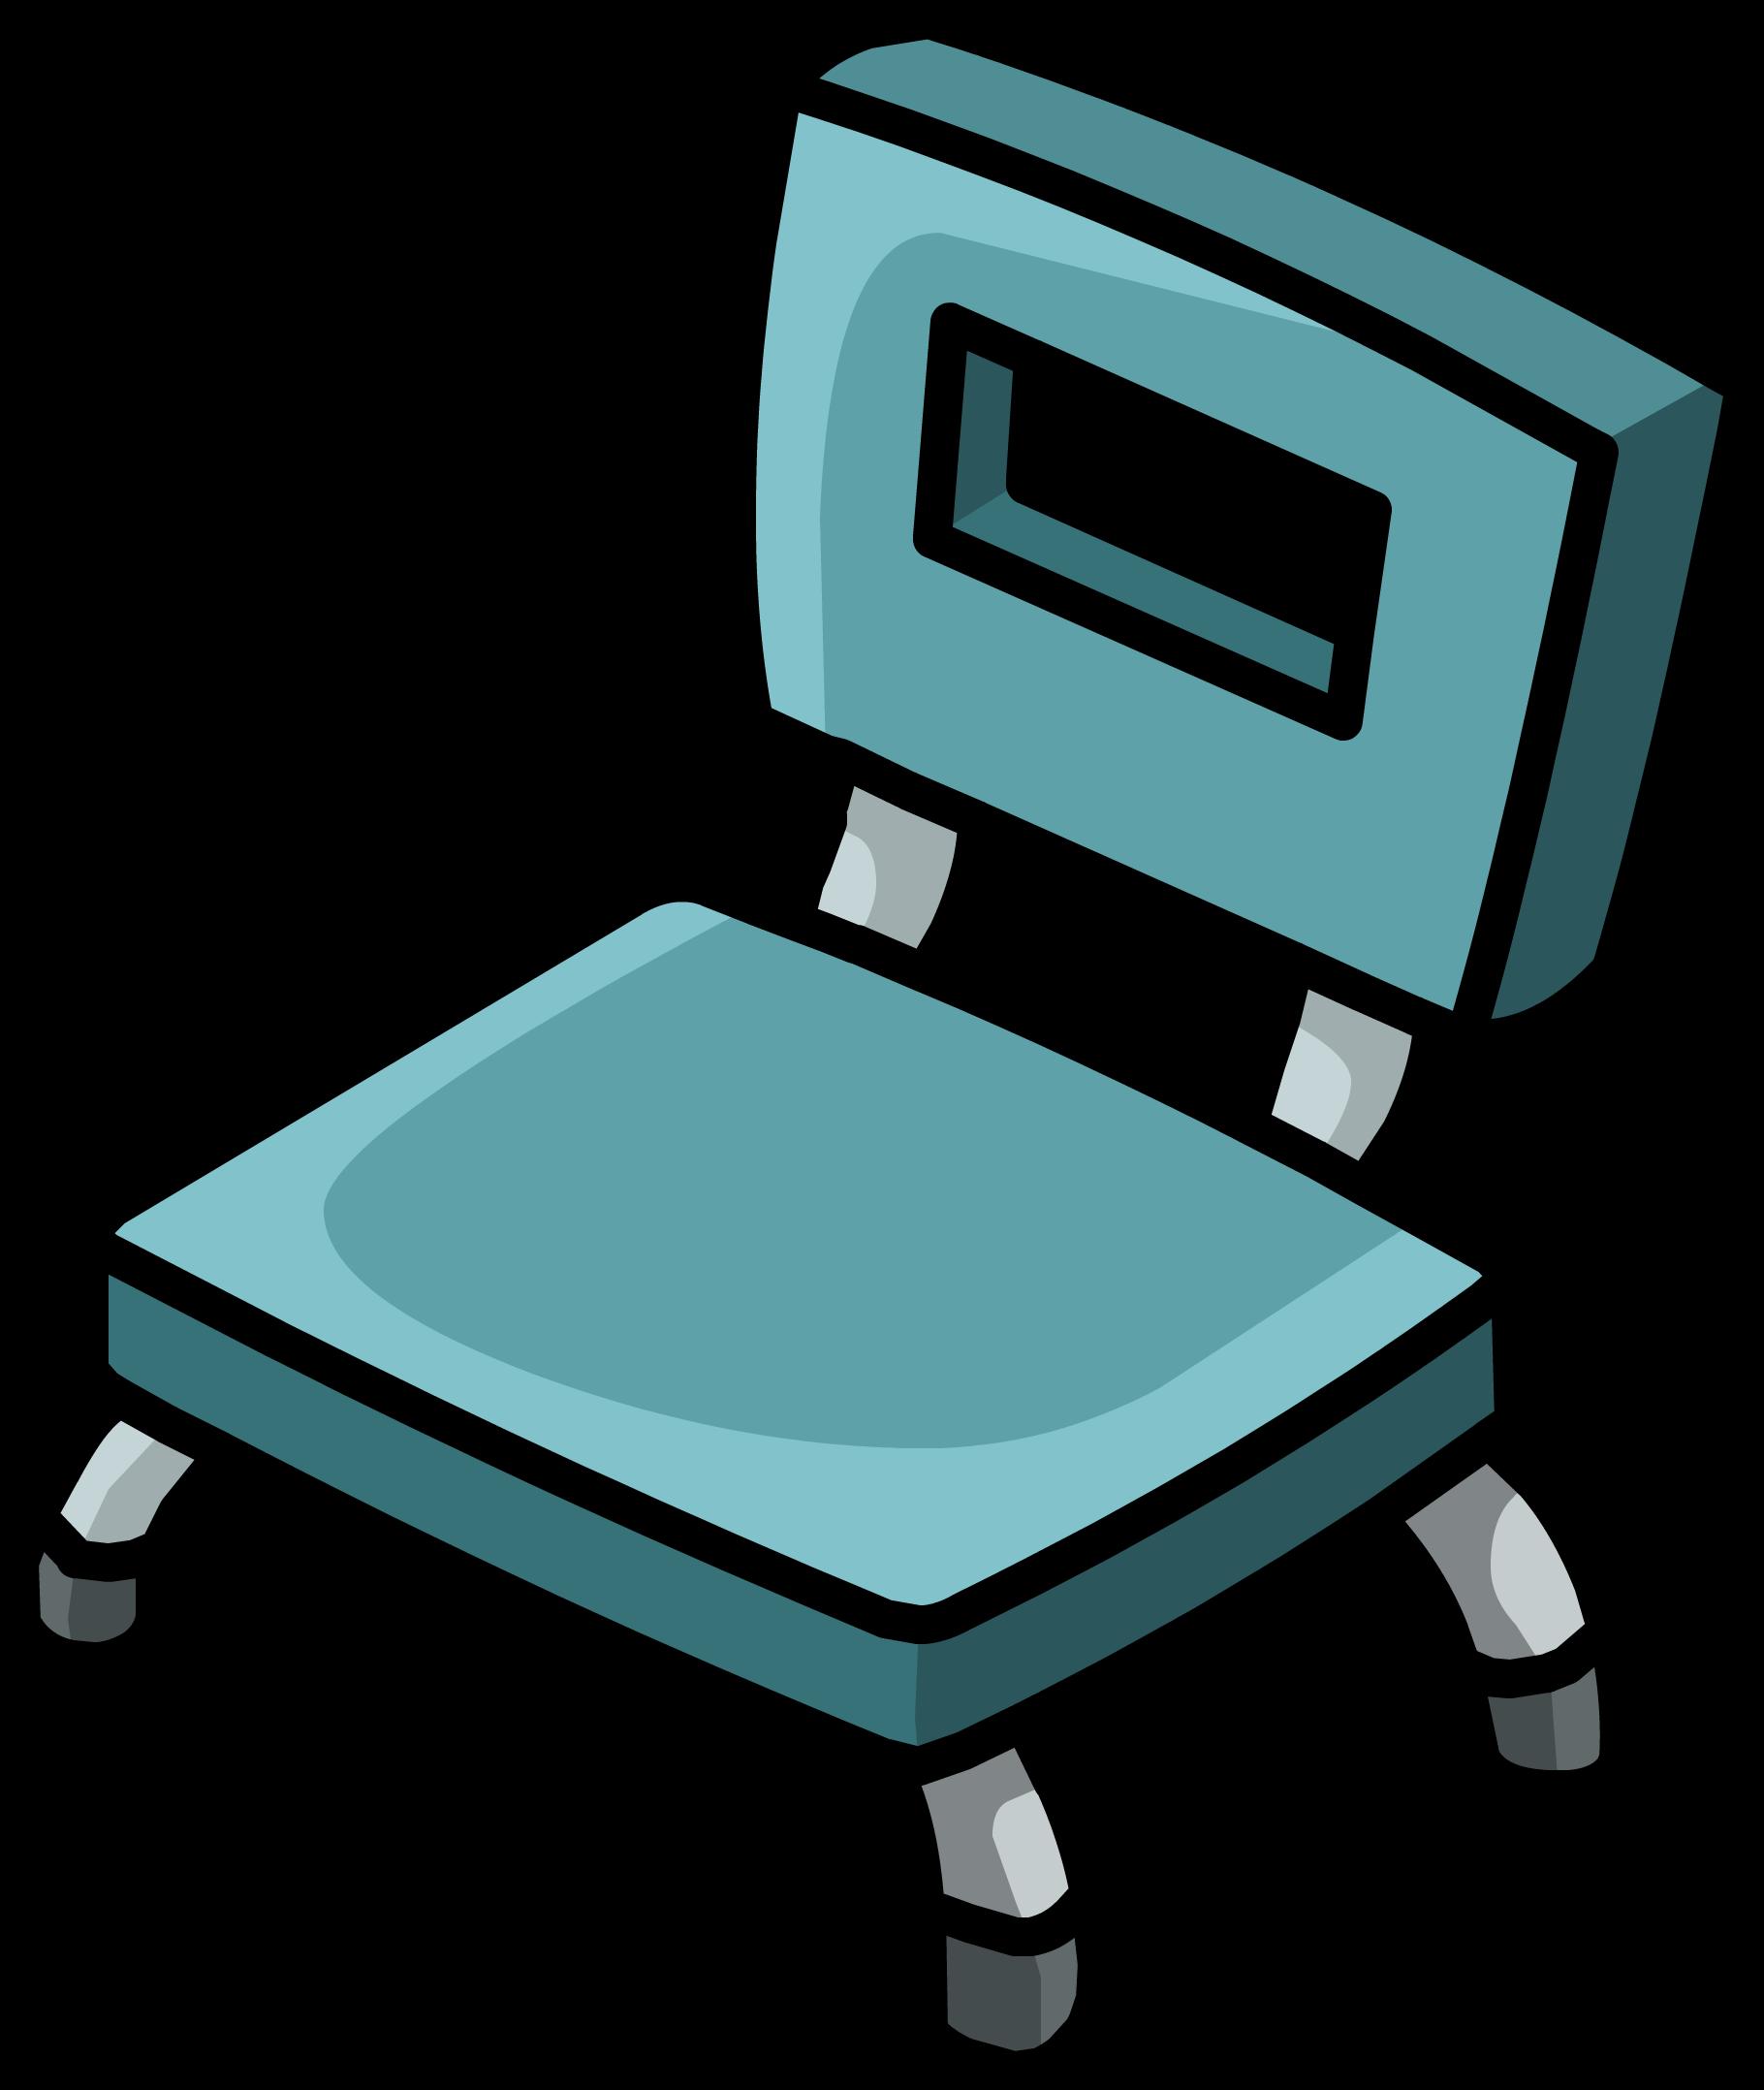 Ladder clipart step stool. Cpu chair club penguin